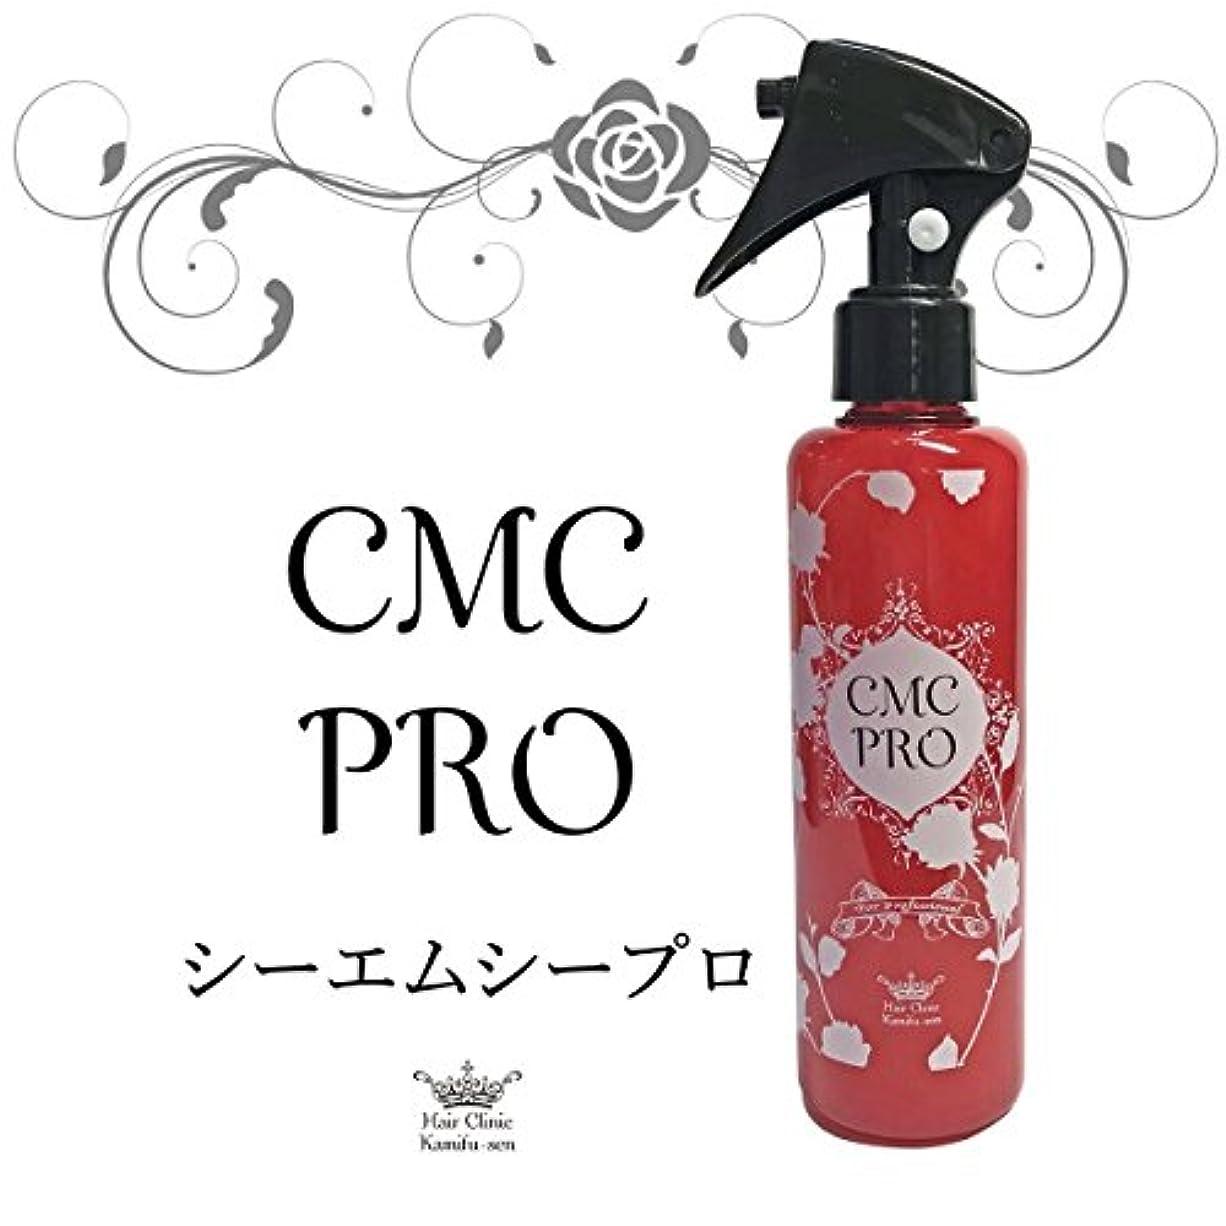 露コメント人種CMCプロ(200ml)(バサバサ髪もしっとり髪へ、ビビリ毛修正に最適)